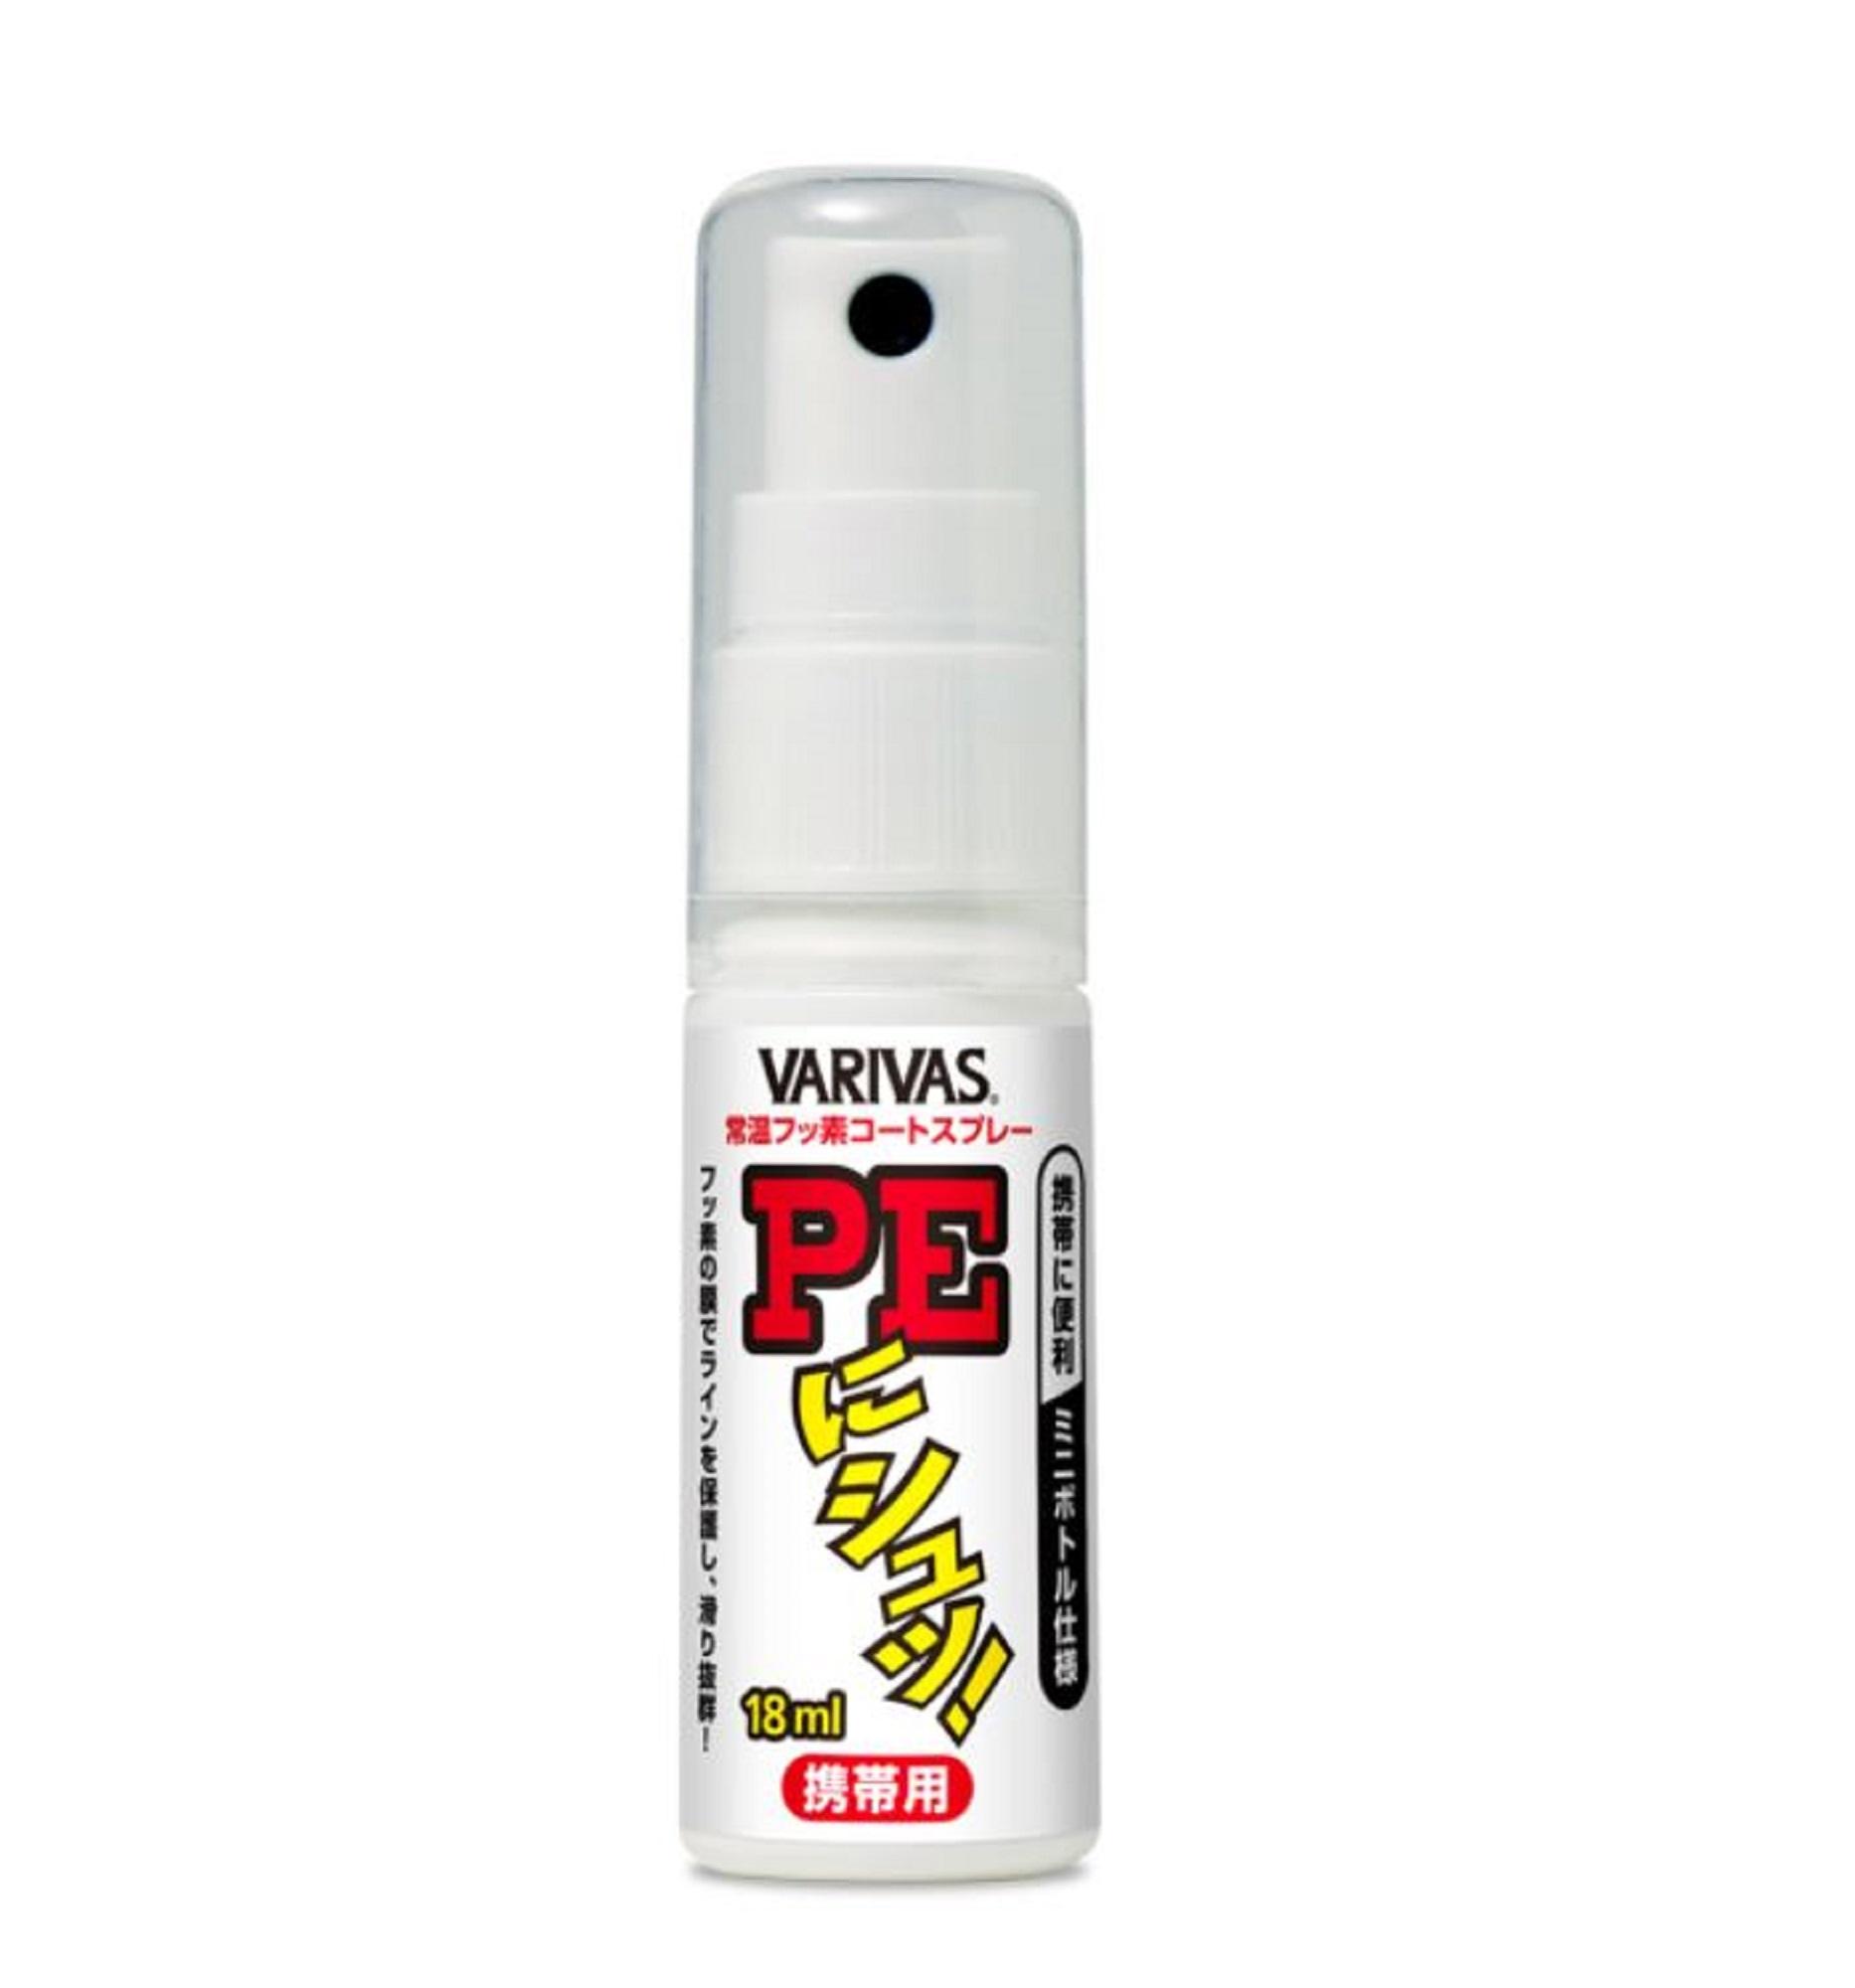 Varivas P.E Line Coating Smooth Spray Non Gas Portable 18 ml (2218)